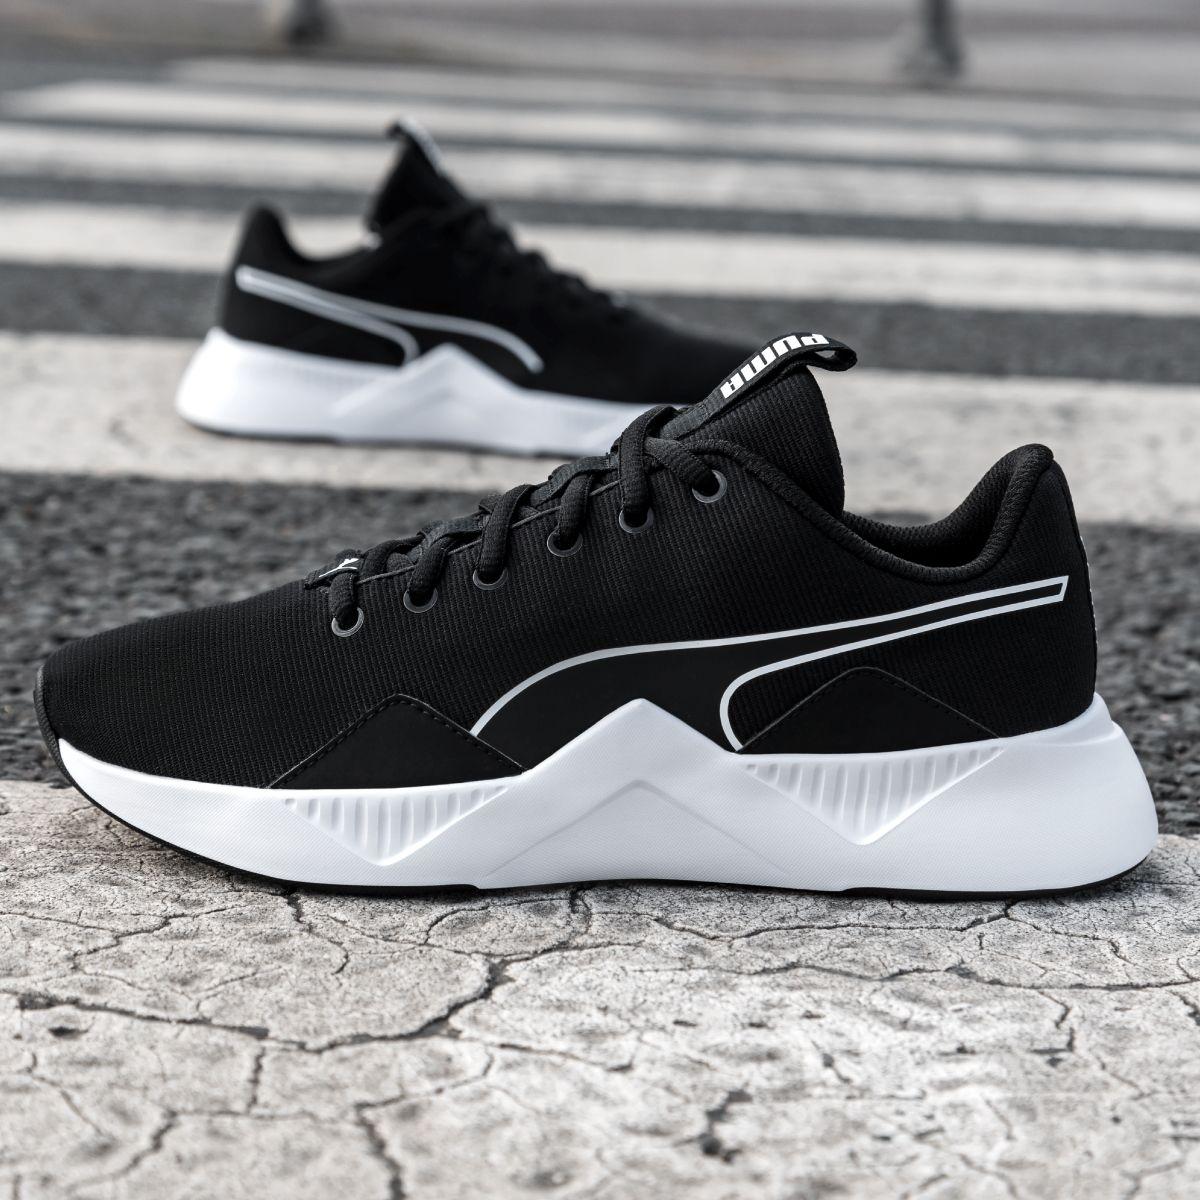 Sneaker by Deichmann   Sneakers mode, Sneaker, Sportschuhe